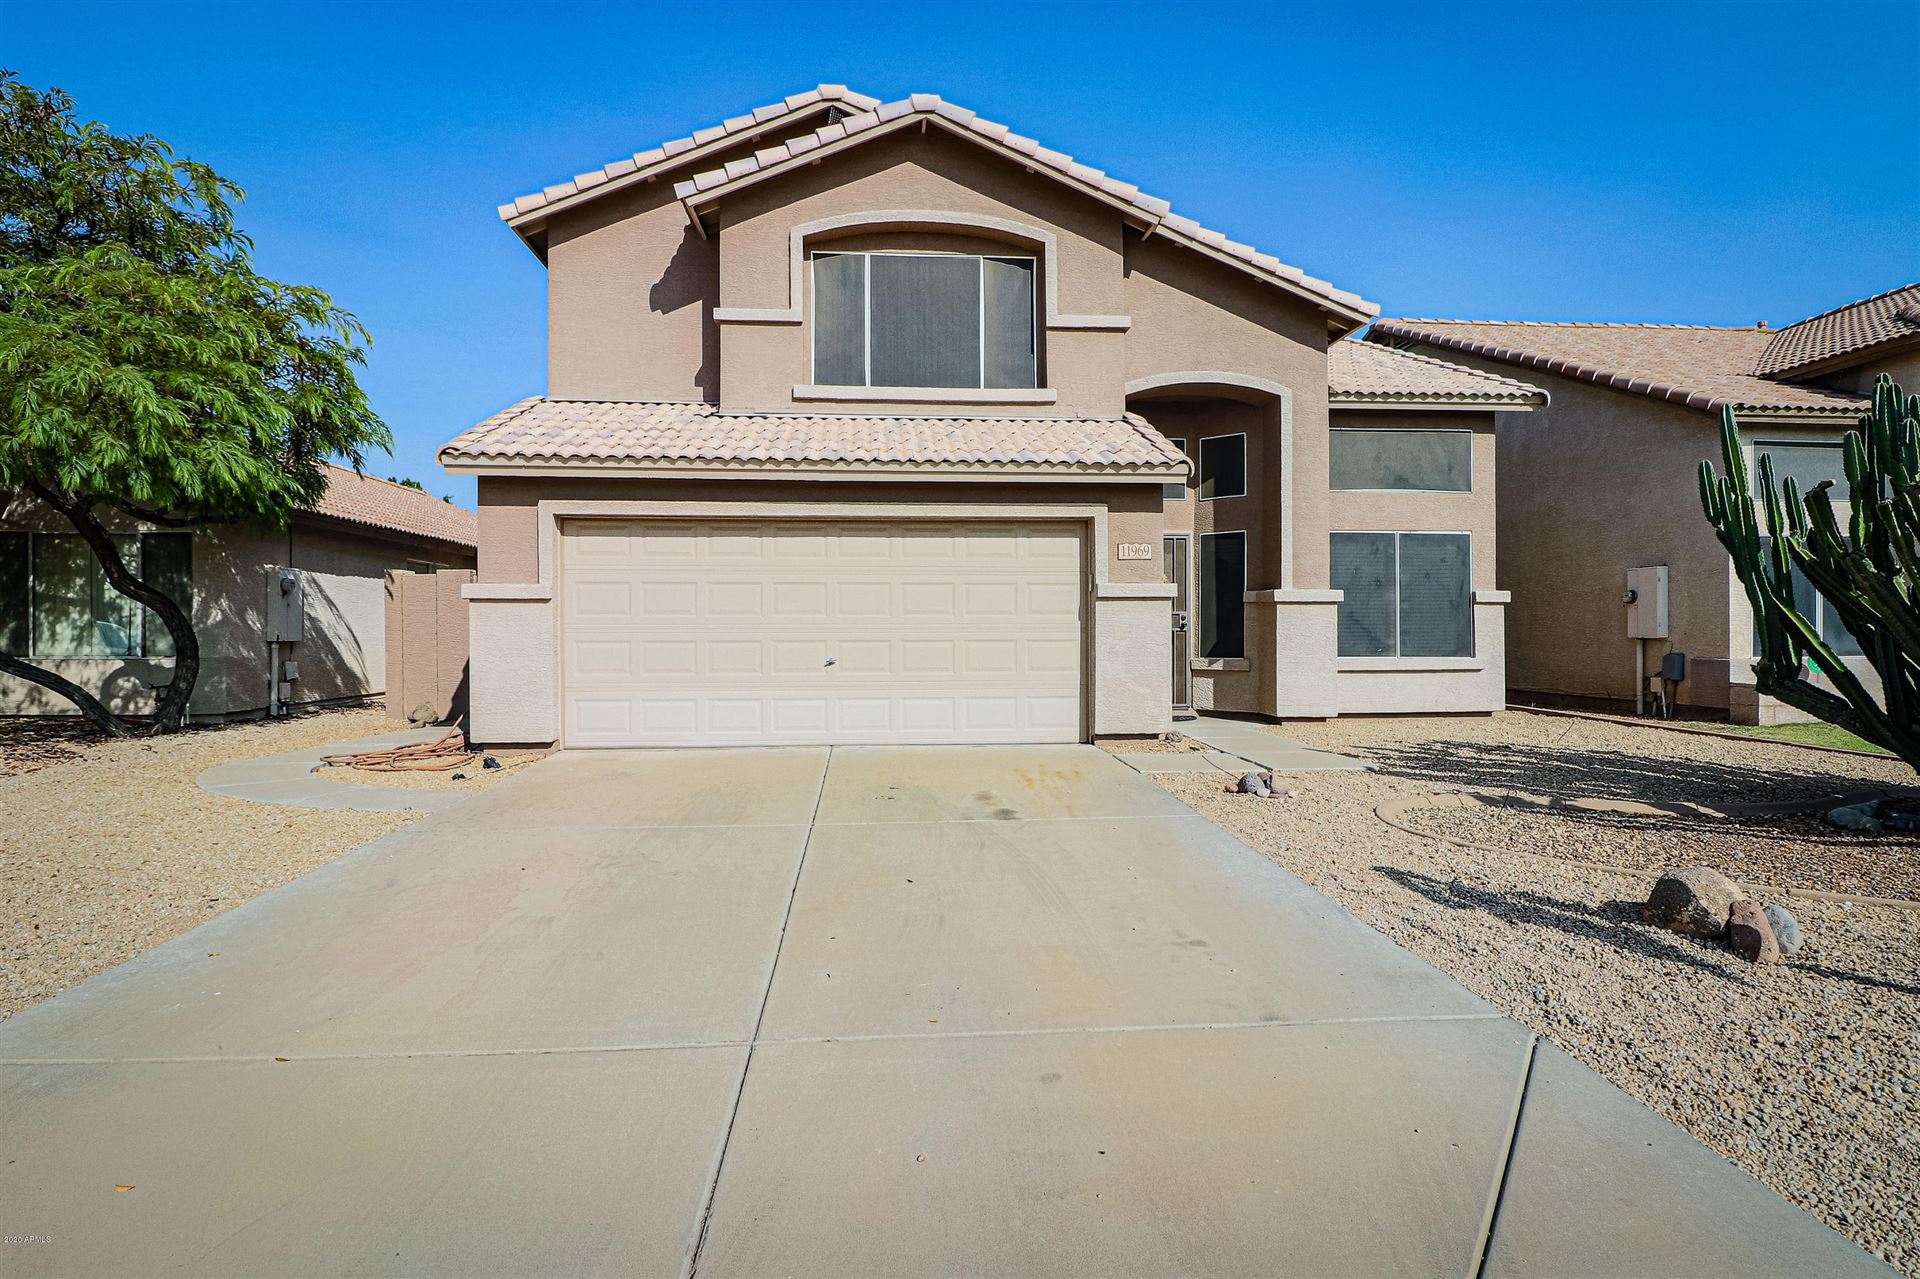 11969 N 85TH Drive, Peoria, AZ 85345 - MLS#: 6131736